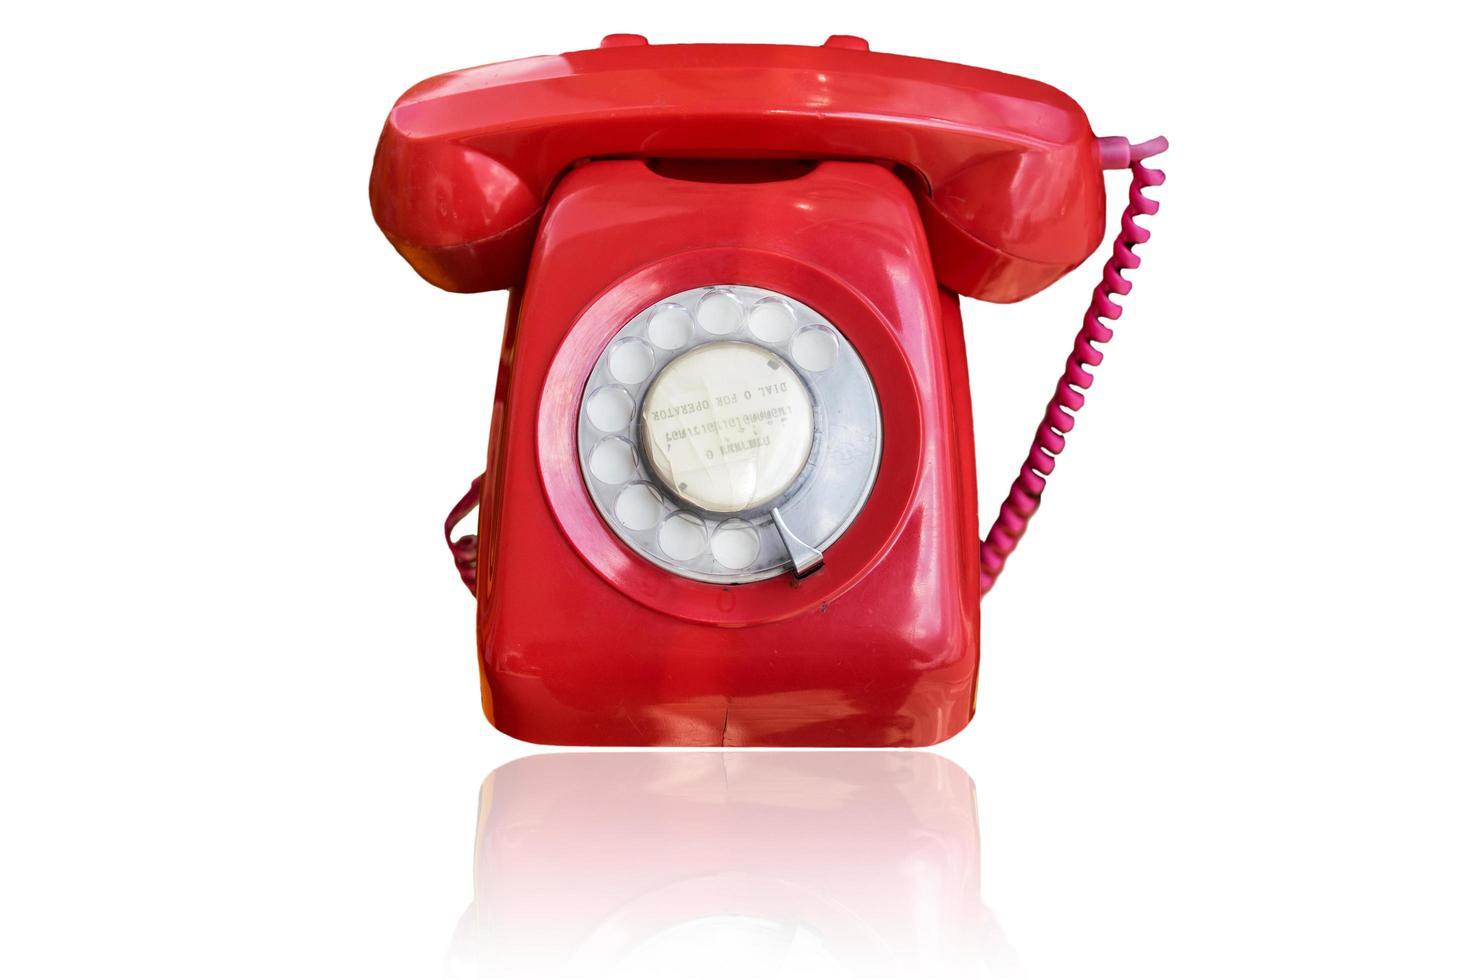 téléphone antique sur fond blanc photo